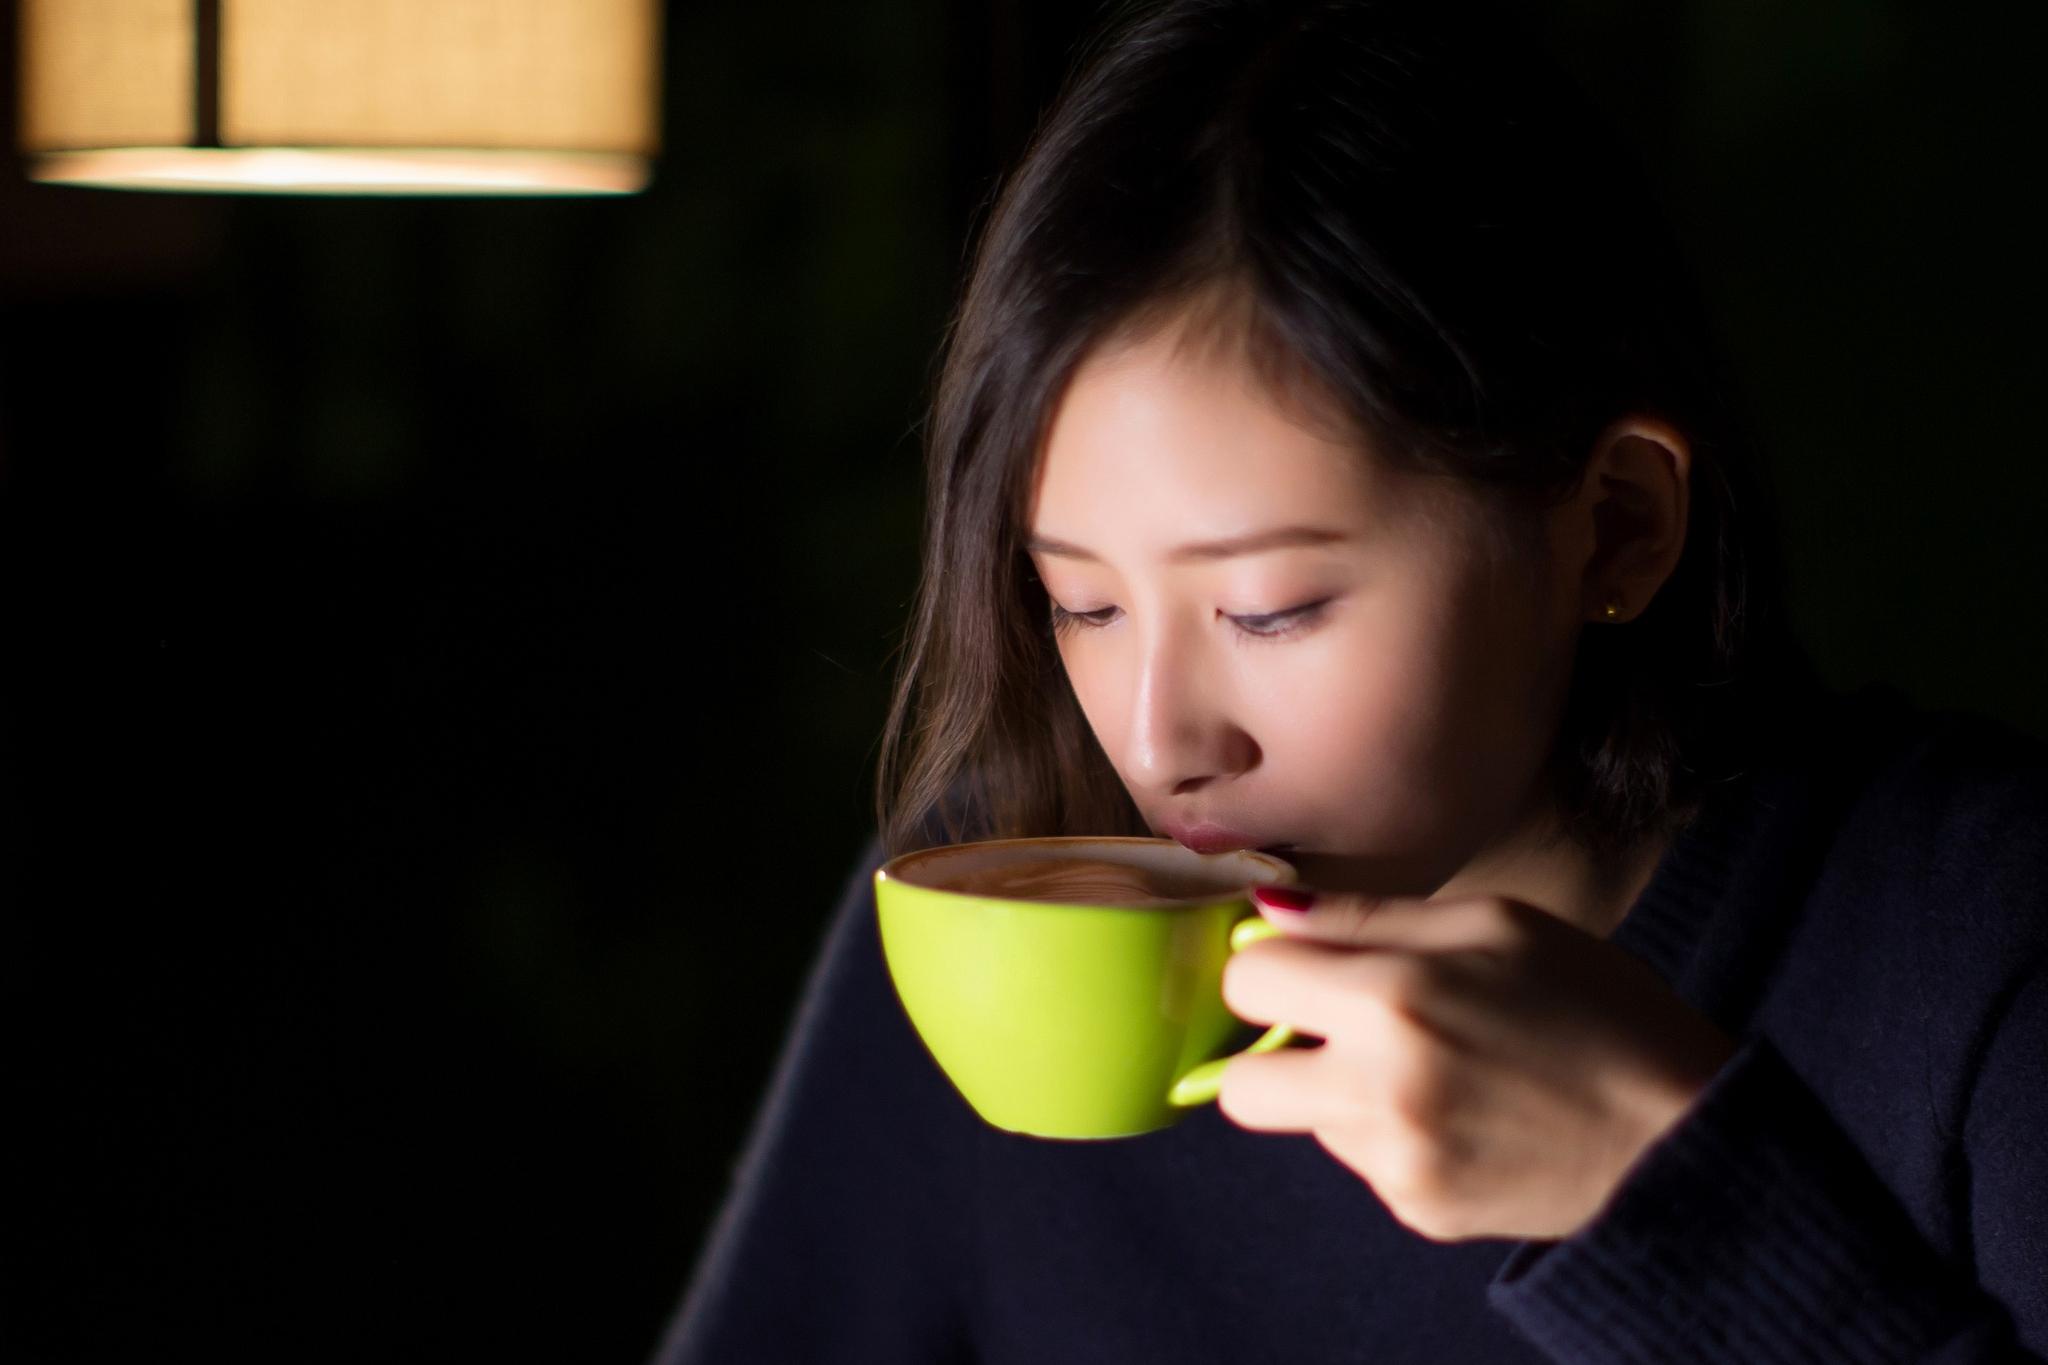 咖啡 - 春色满园 - 春色满园